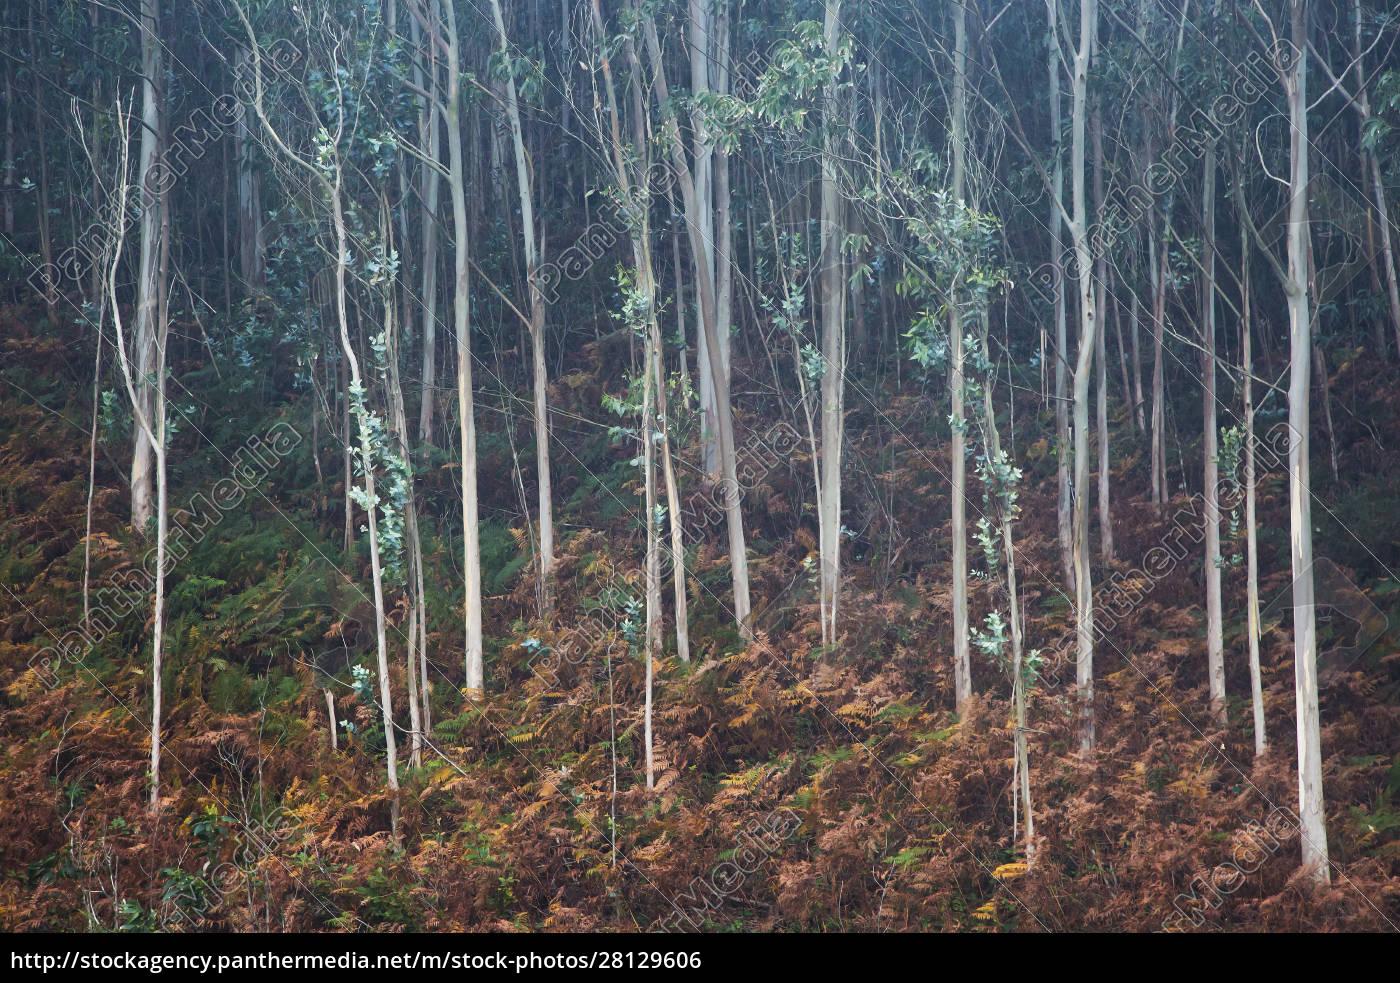 blätter, wachsen, auf, sämigenbäumen, in, wäldern - 28129606